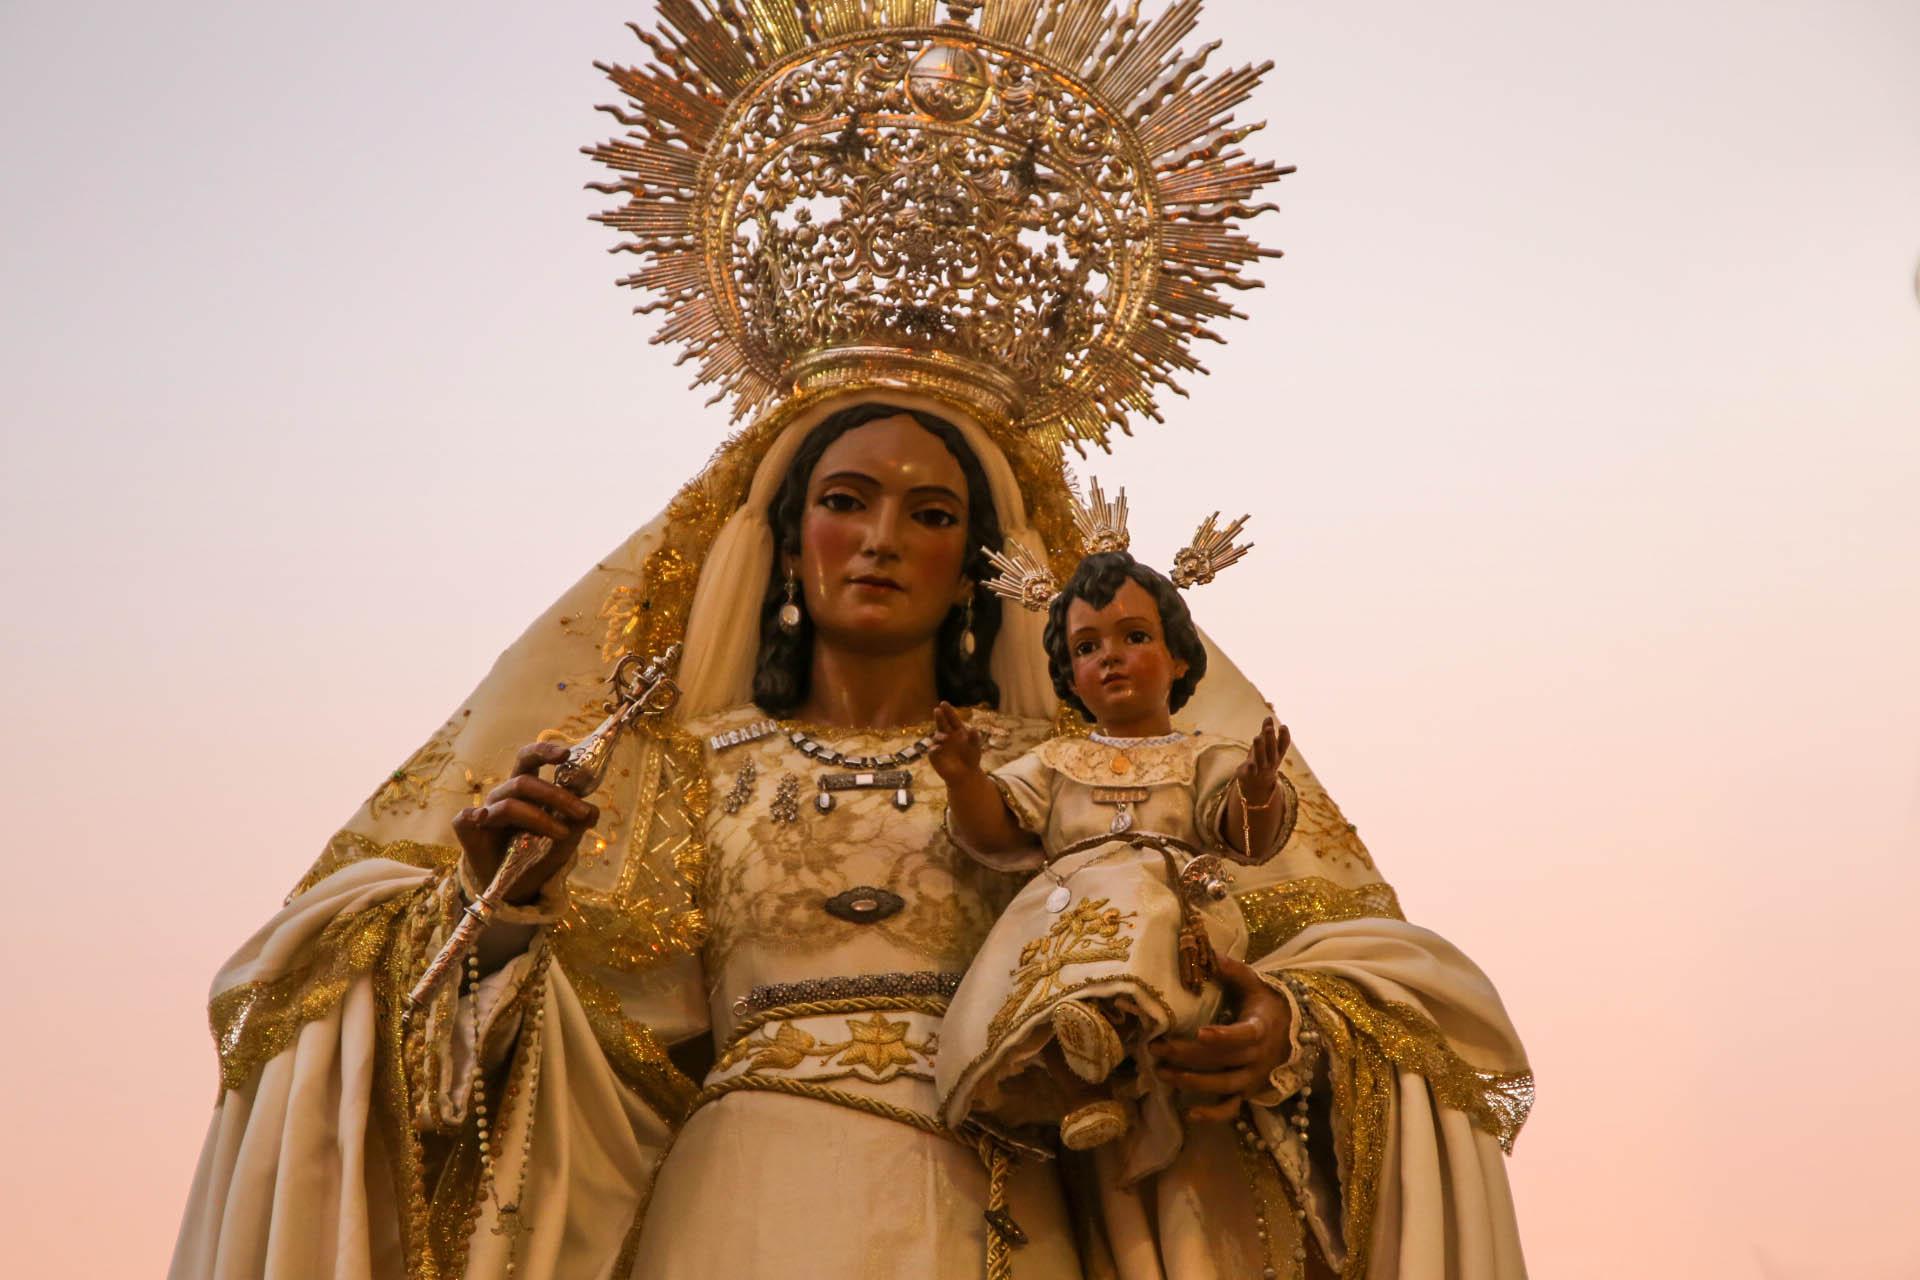 La virgen del rosario de santiago saldr este s bado noticias de alcal de guada ra - Farmacia guardia puerto del rosario ...